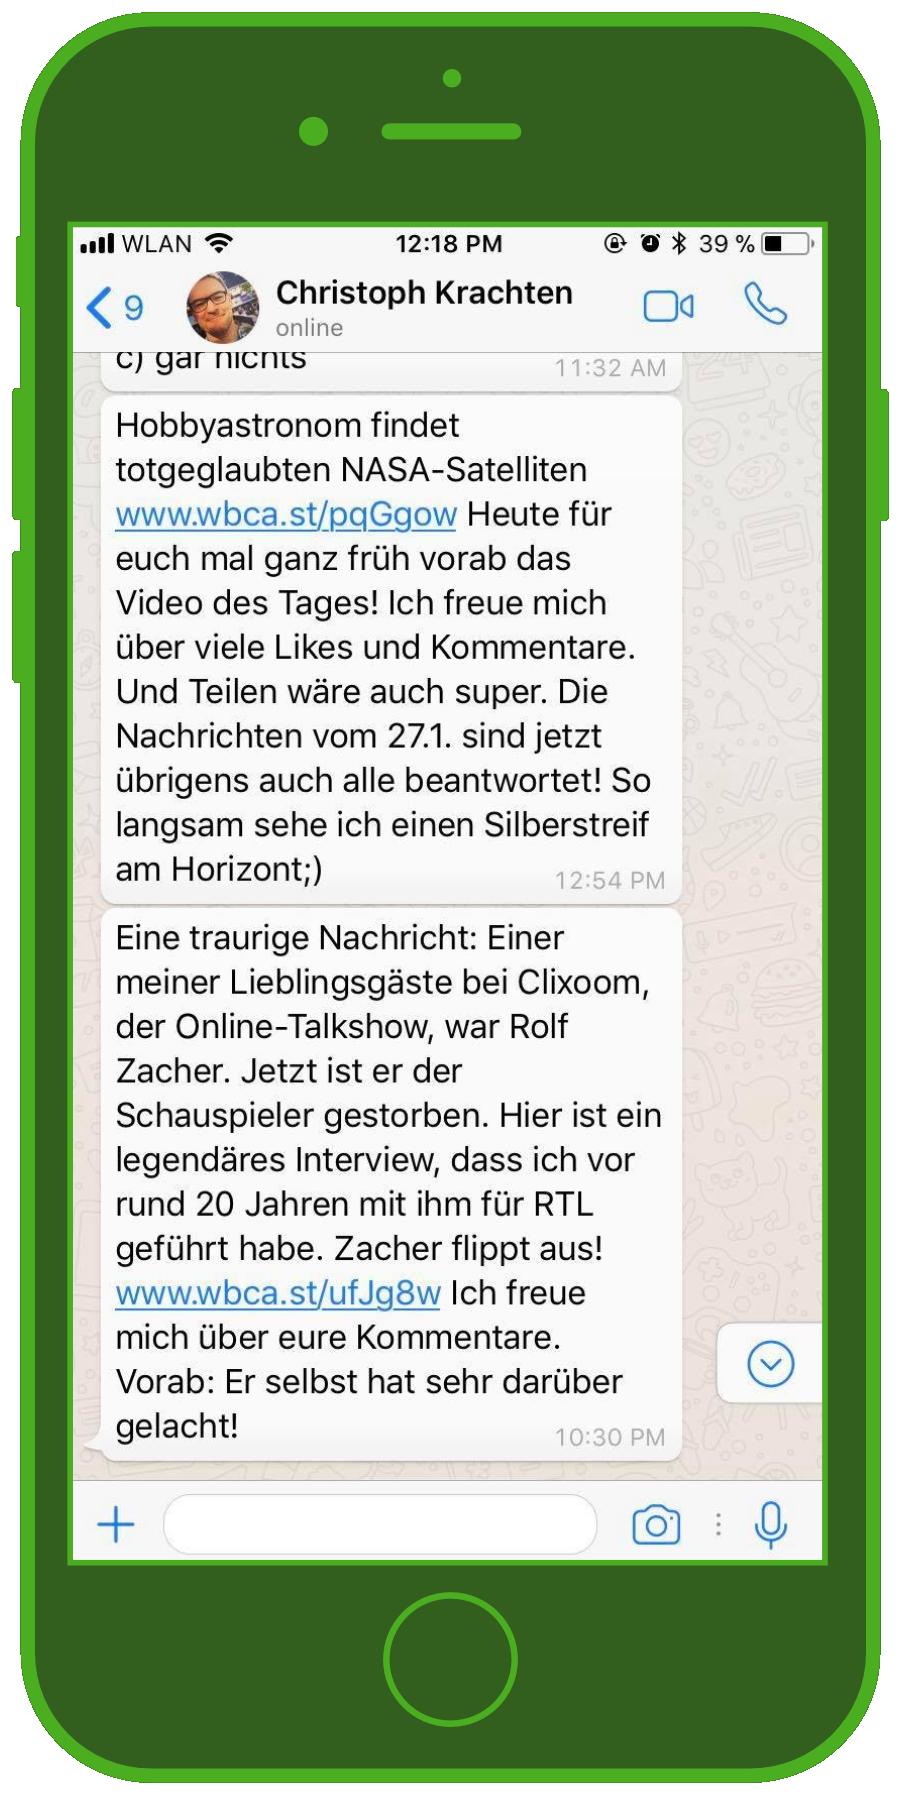 device-whatsapp-christoph-krachten-influencer